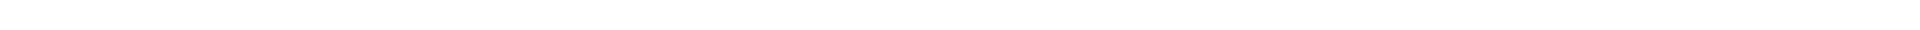 네이키드니스(NEIKIDNIS) [NEIKIDNIS X TOTTENHAM]스퍼스 리플렉티브 에코백